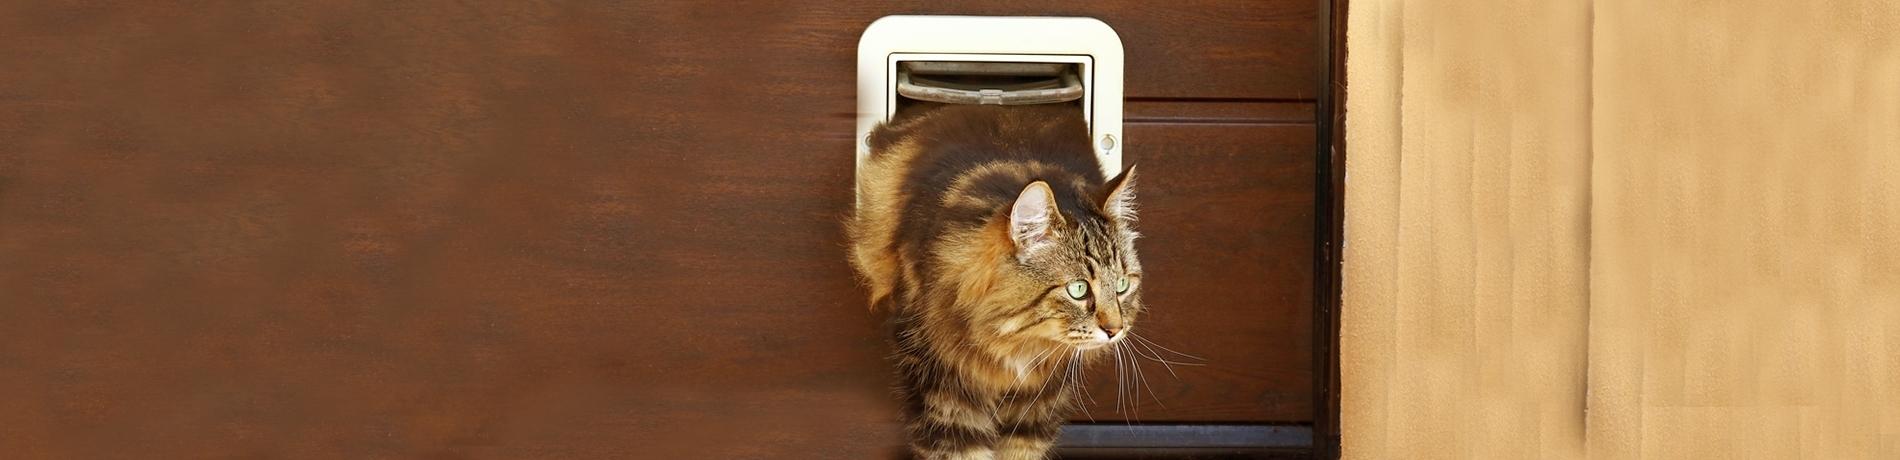 kat leren door kattenluik te gaan